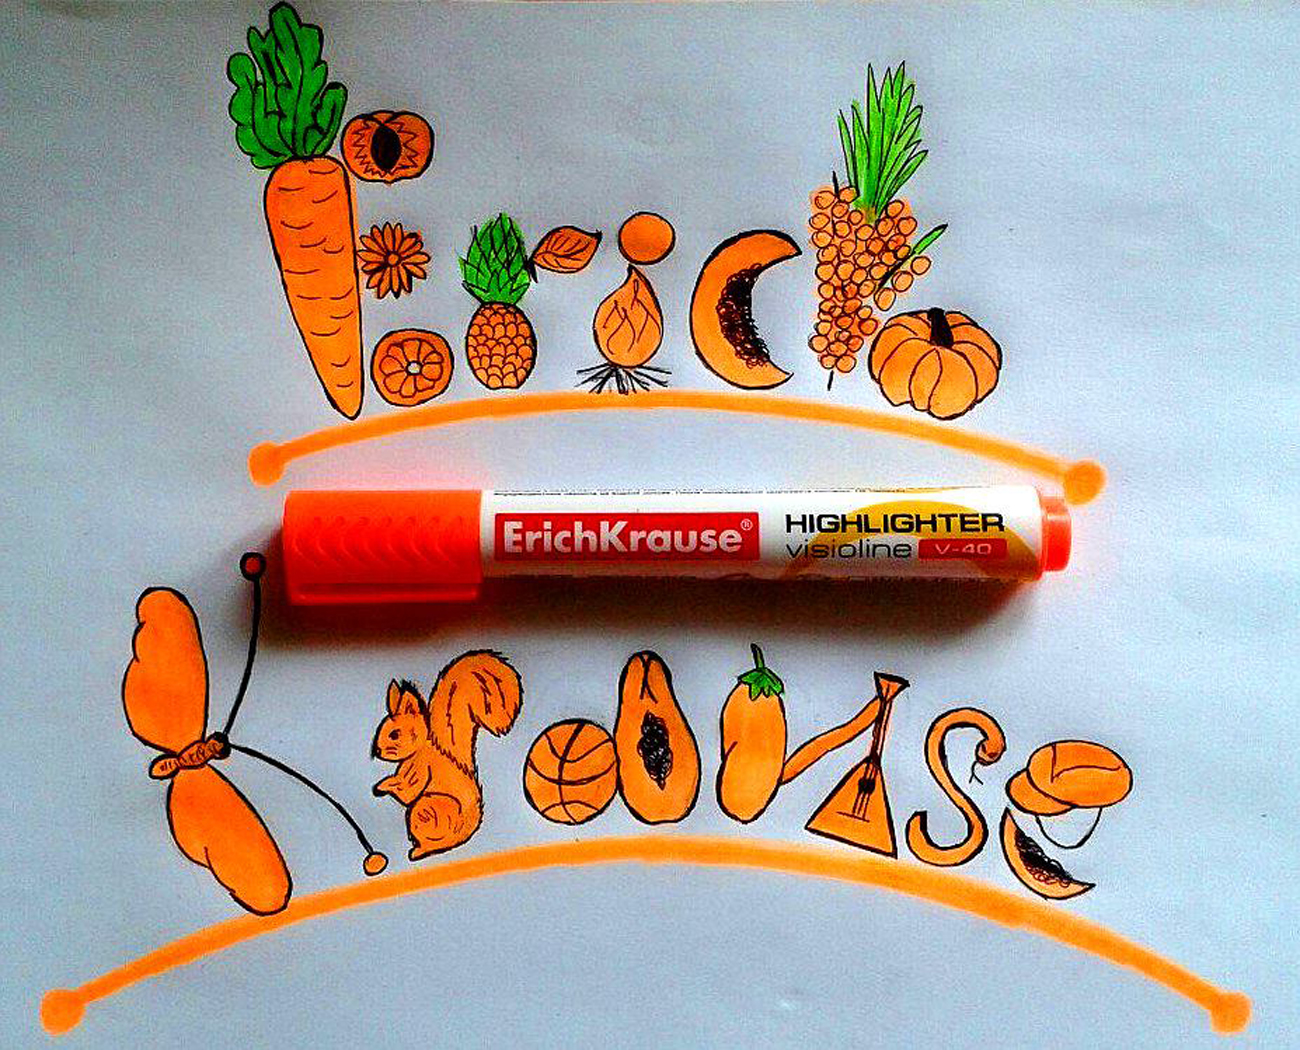 Erich Krause hat in Russland einen hohen Bekanntheitsgrad, die wenigsten wissen aber, dass die Stifte nicht aus Deutschland kommen. Foto: Pressebild